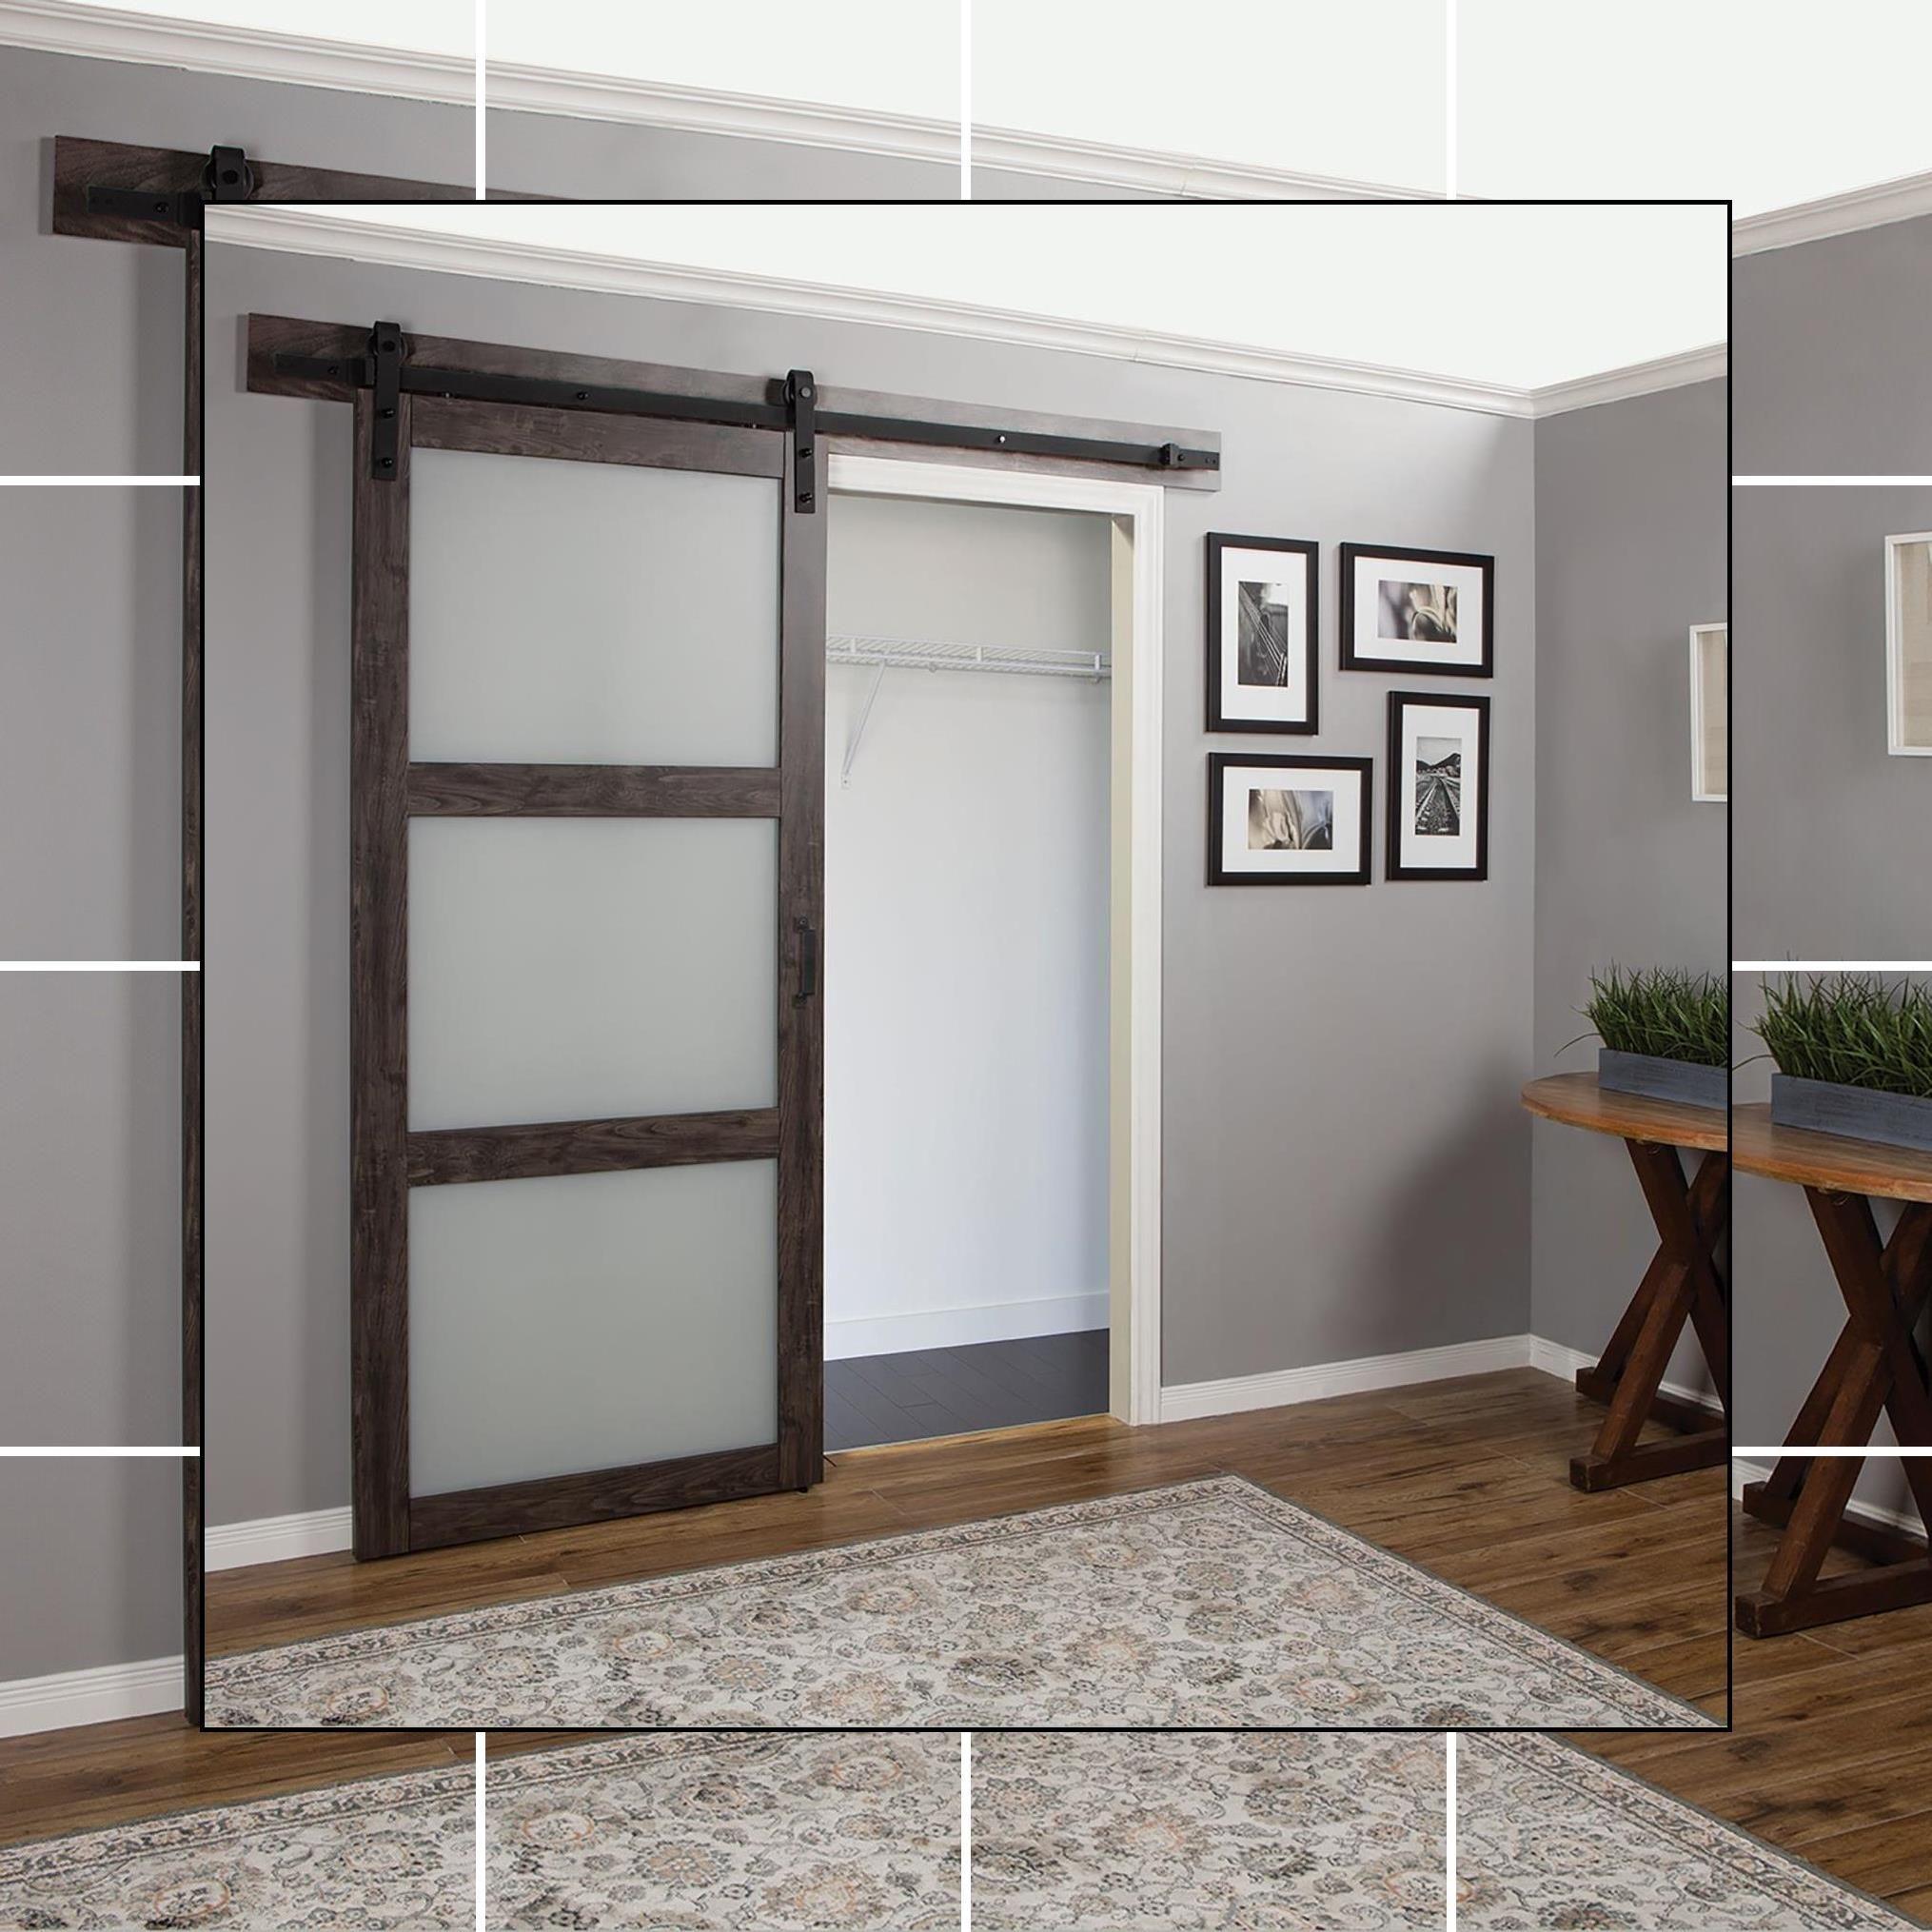 Interior Sliding Door Track Tall Sliding Wardrobe Doors Sliding Interior Double Doors French Doors Interior Doors Interior Interior Barn Doors